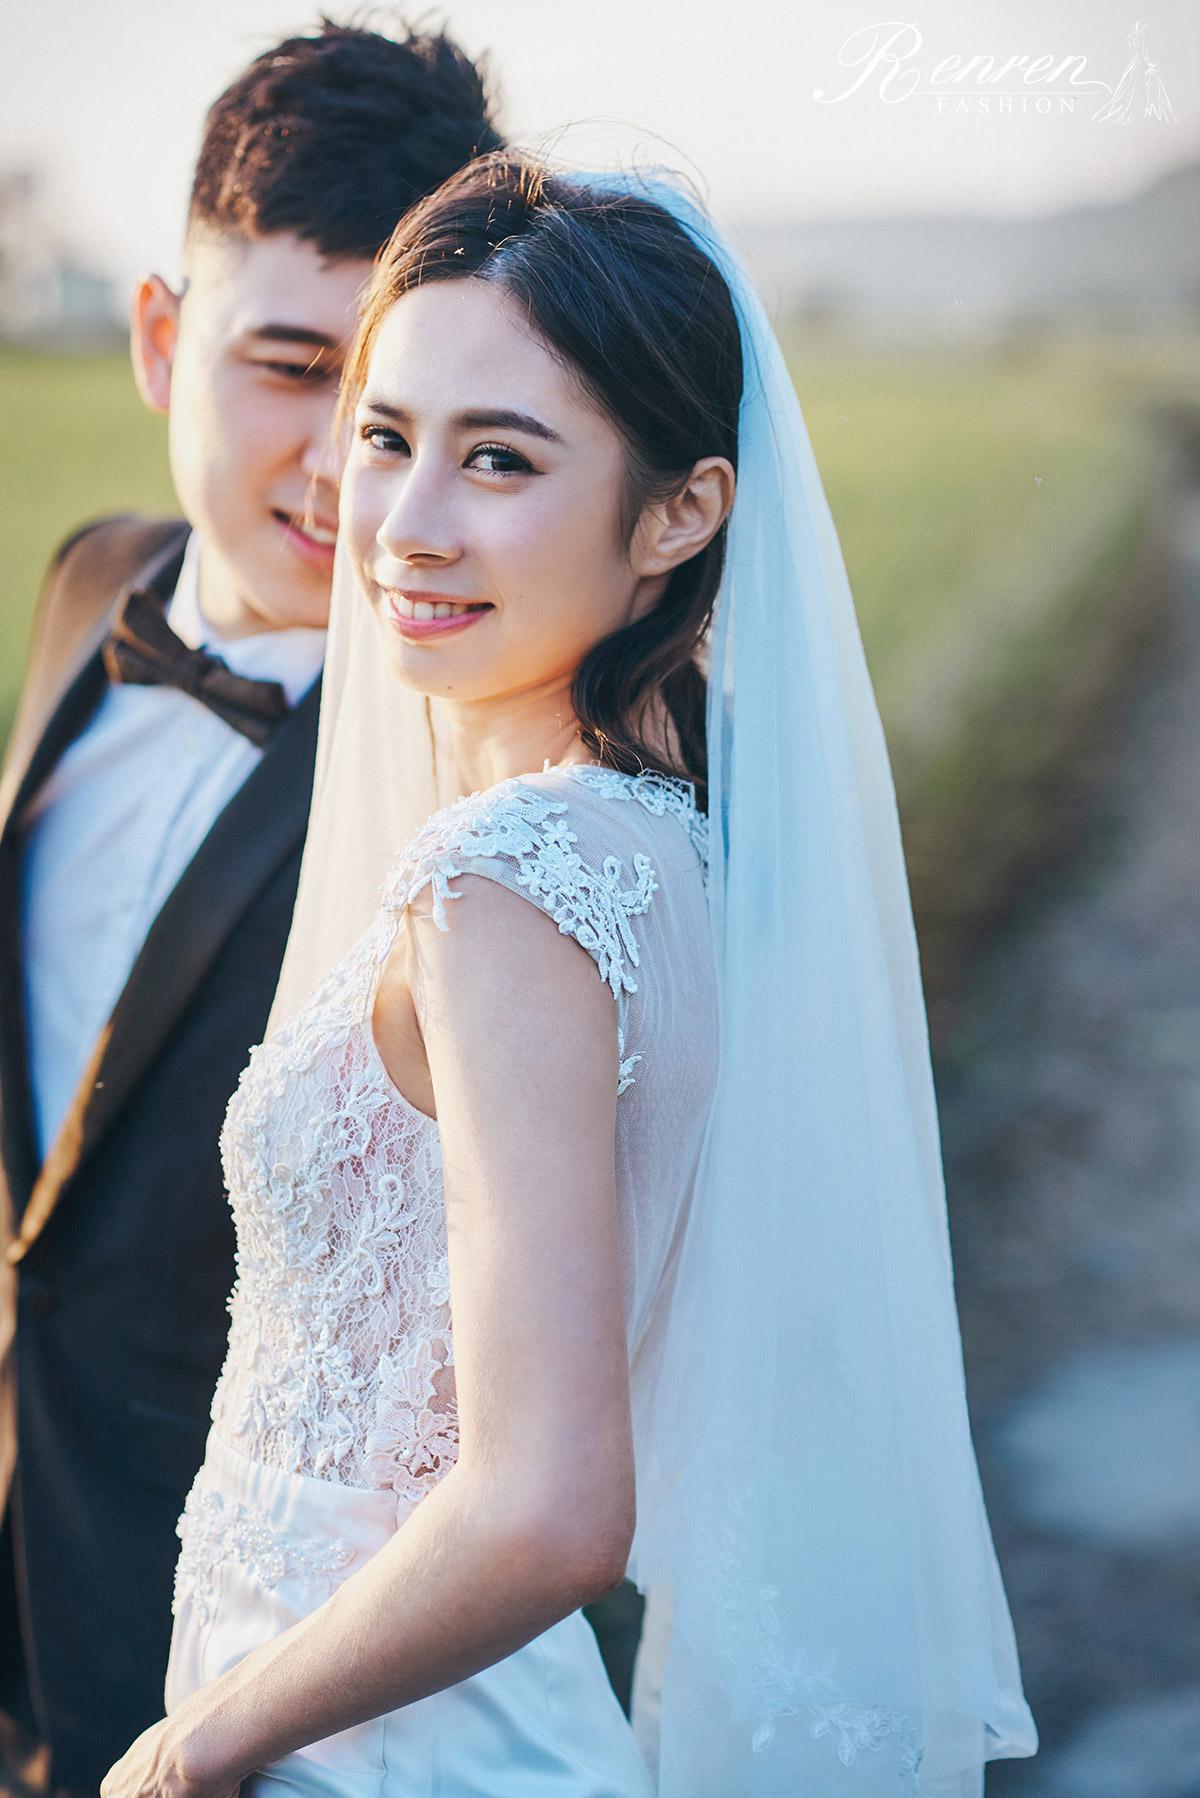 台中-婚紗-冉冉-慕朵影像-婚紗作品20